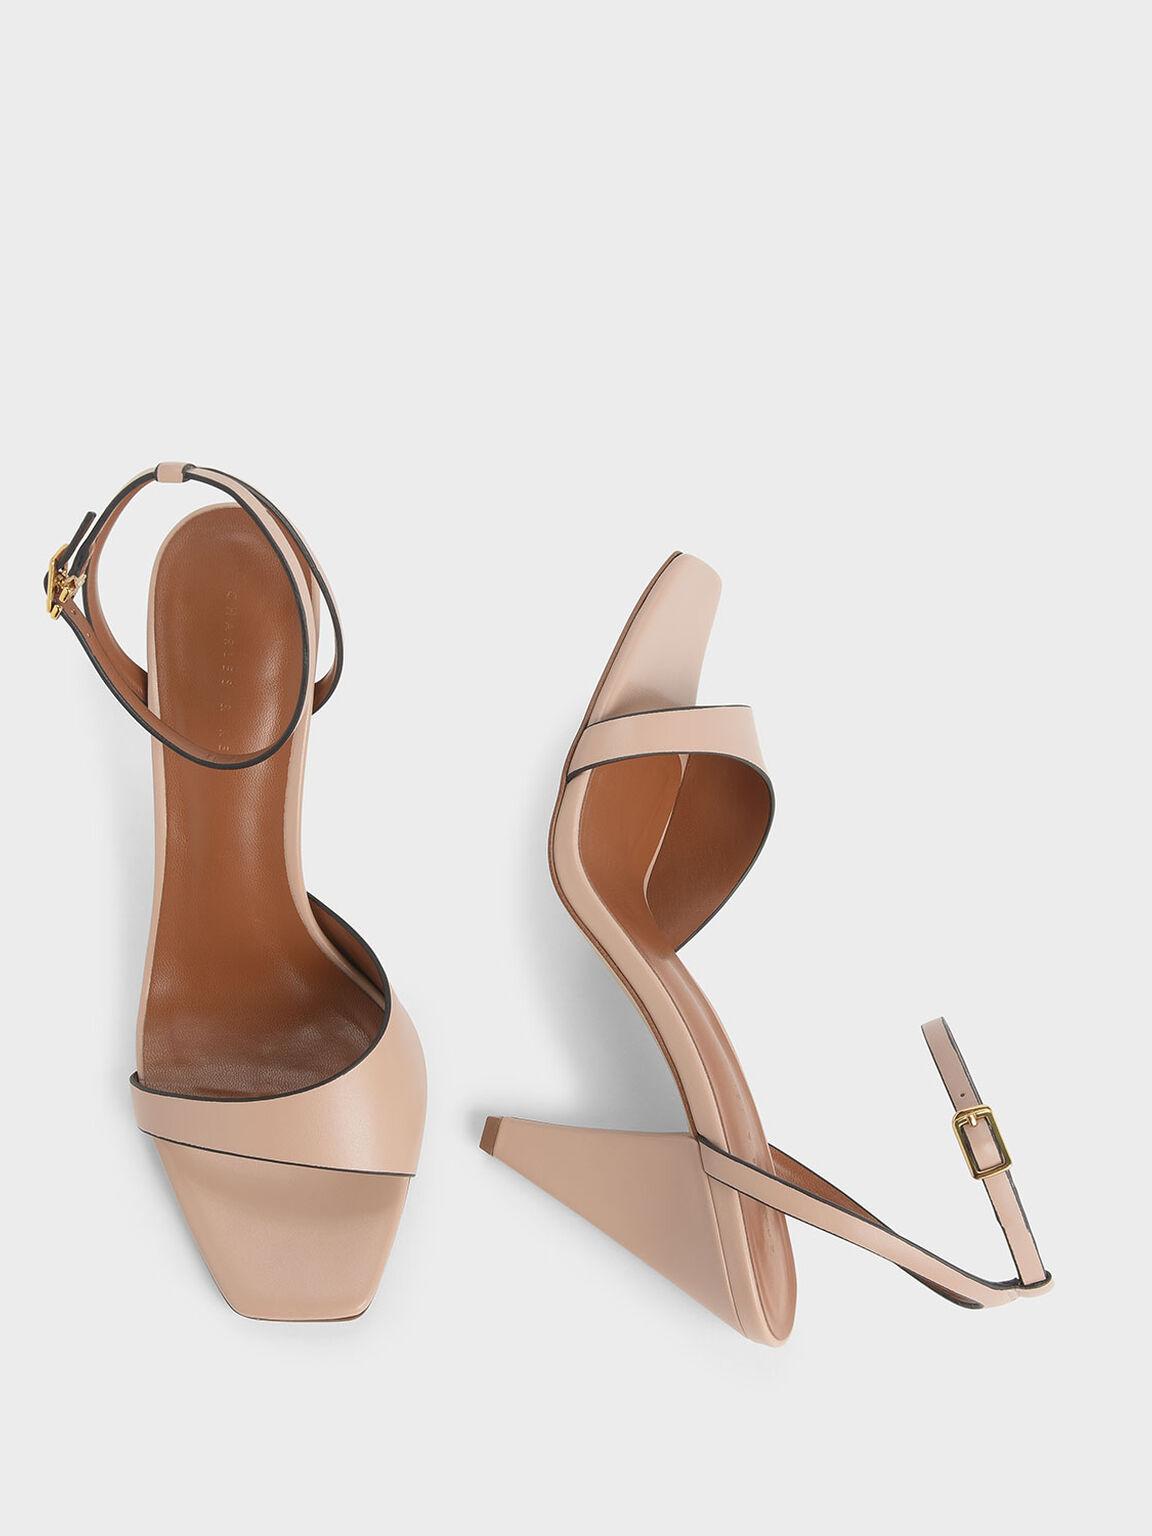 Asymmetric Strap Cone Heel Sandals, Nude, hi-res